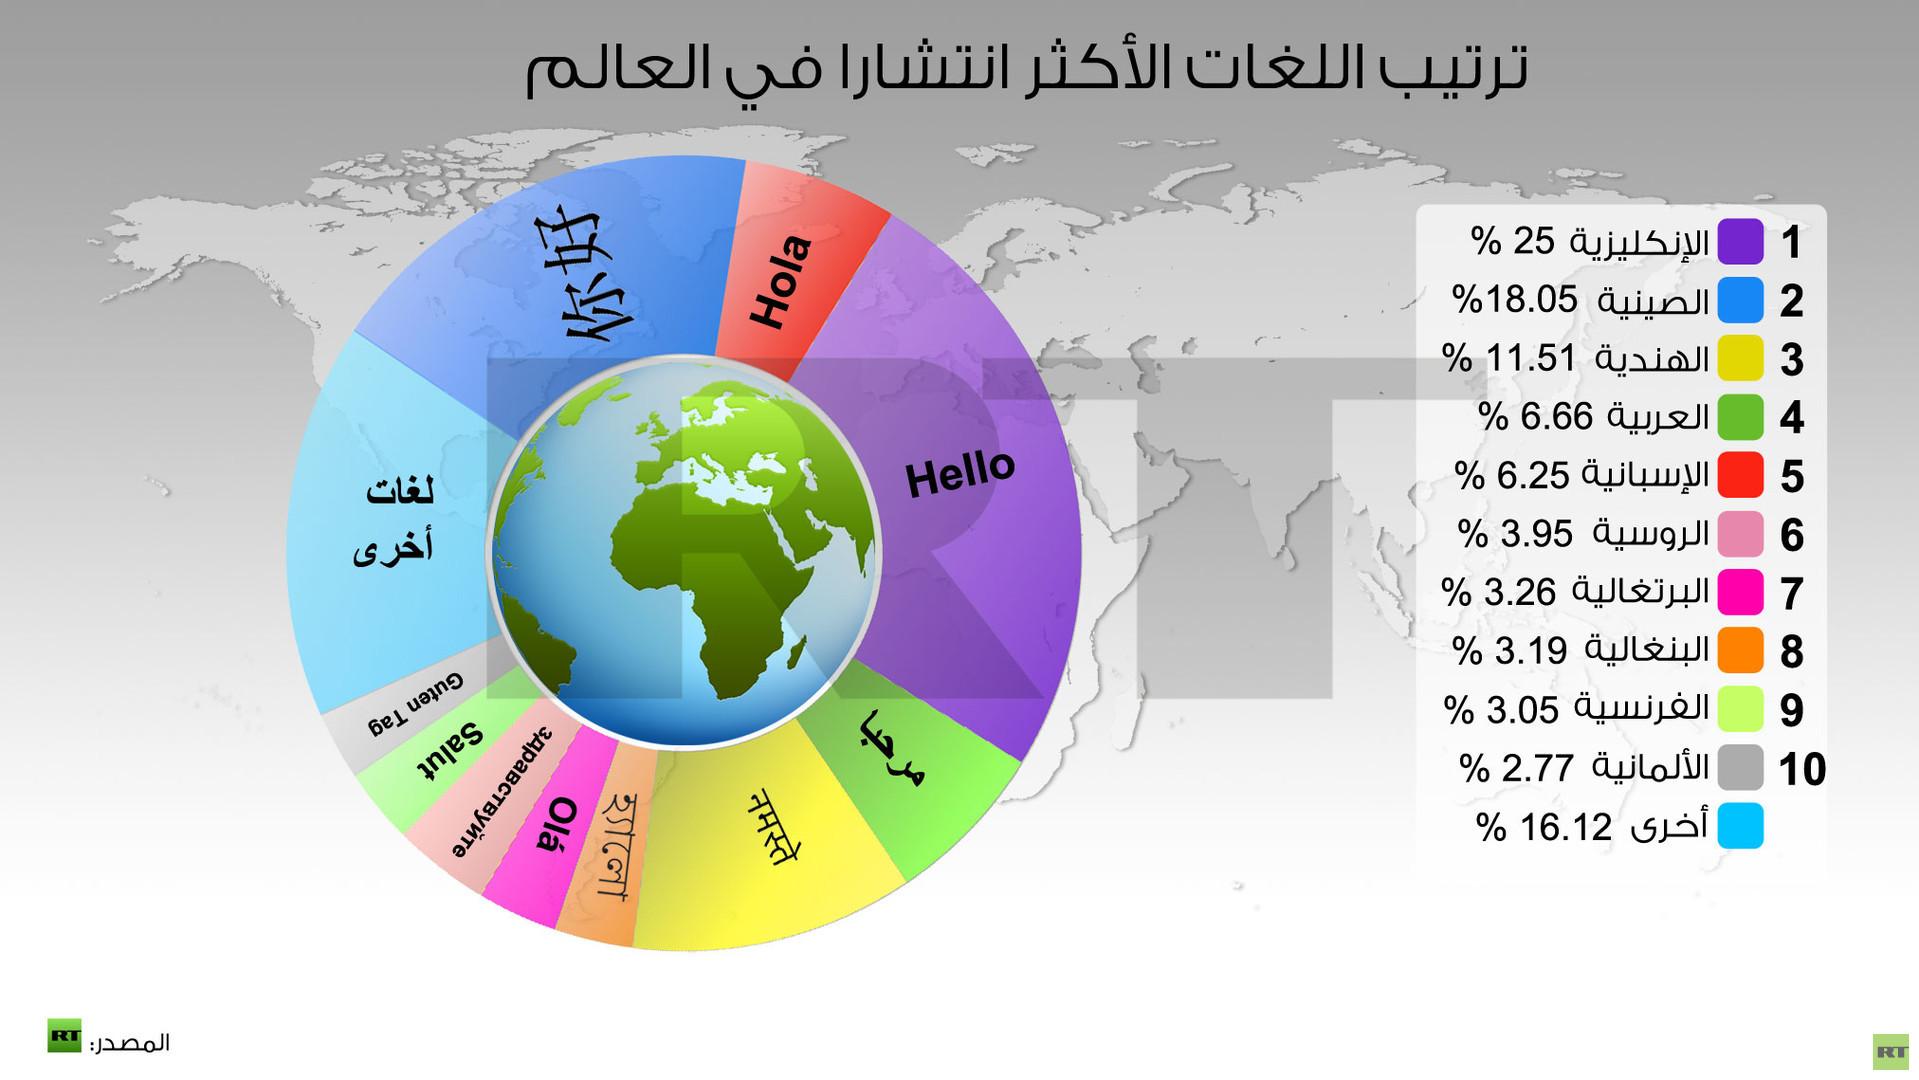 صورة لغة بها اكثر عدد متحدثين , اللغة الانجليزية تعتبر اكثر اللغات شعبية وانتشارا 4027 2